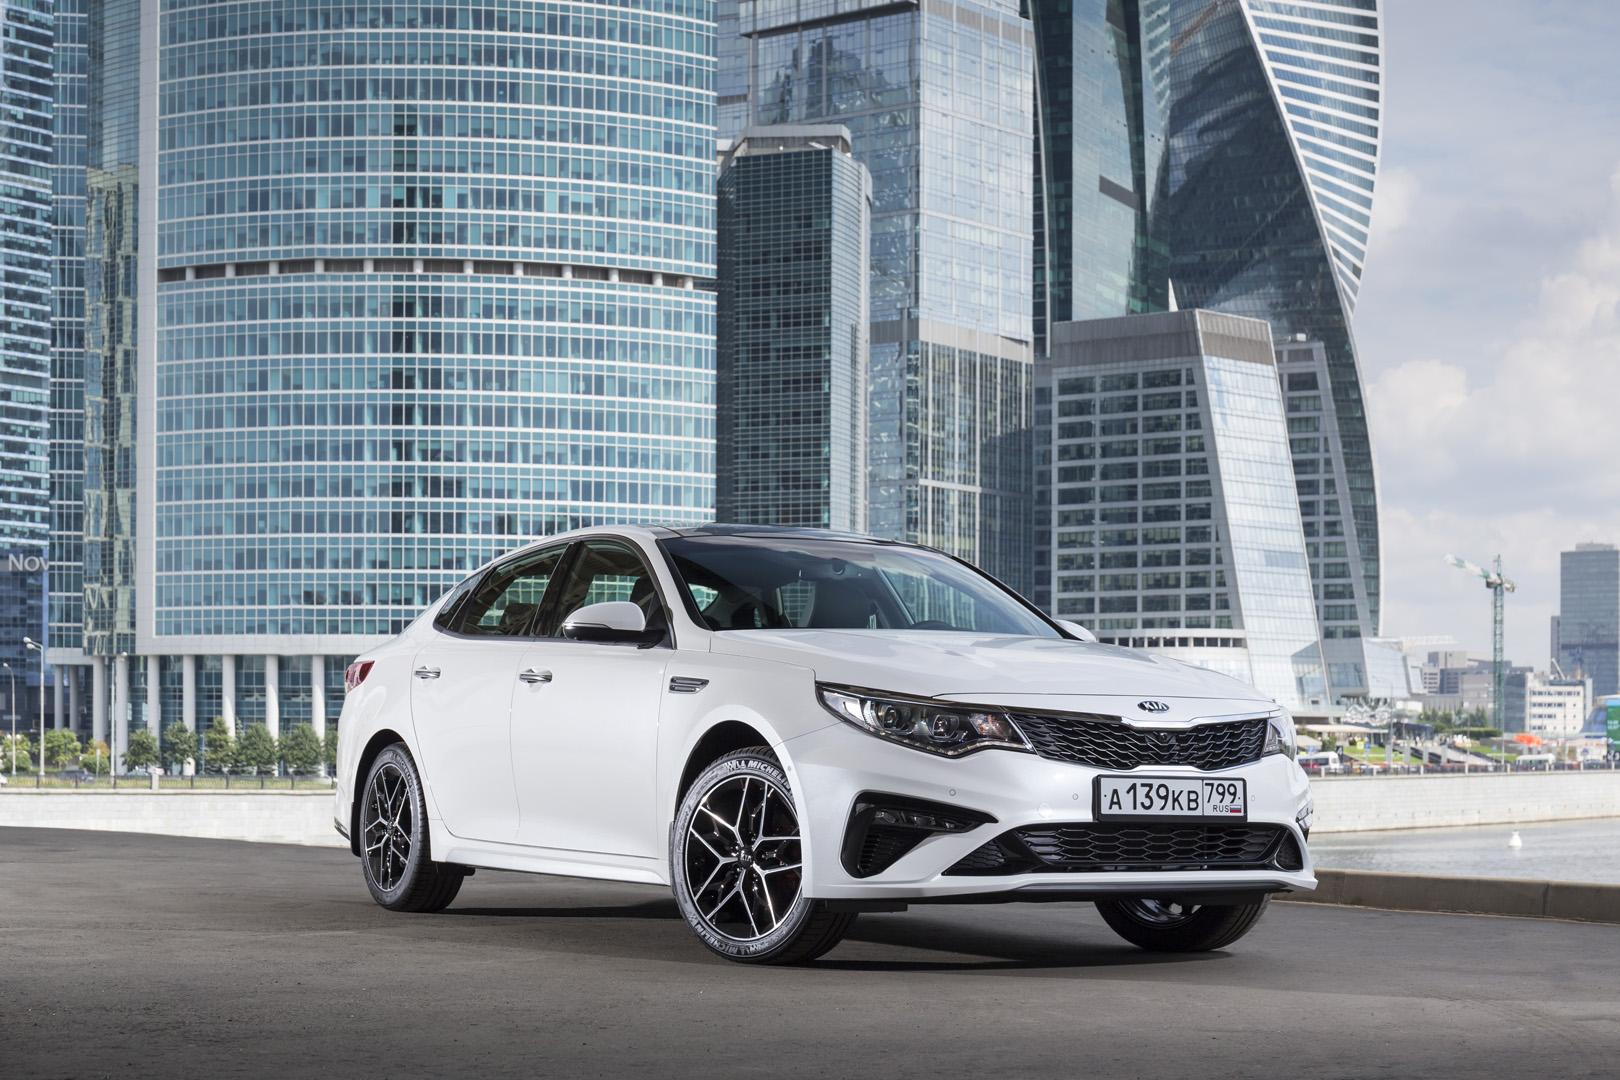 Продажи обновленного седана бизнеса-класса Kia Optima стартуют в России в августе 2018 года